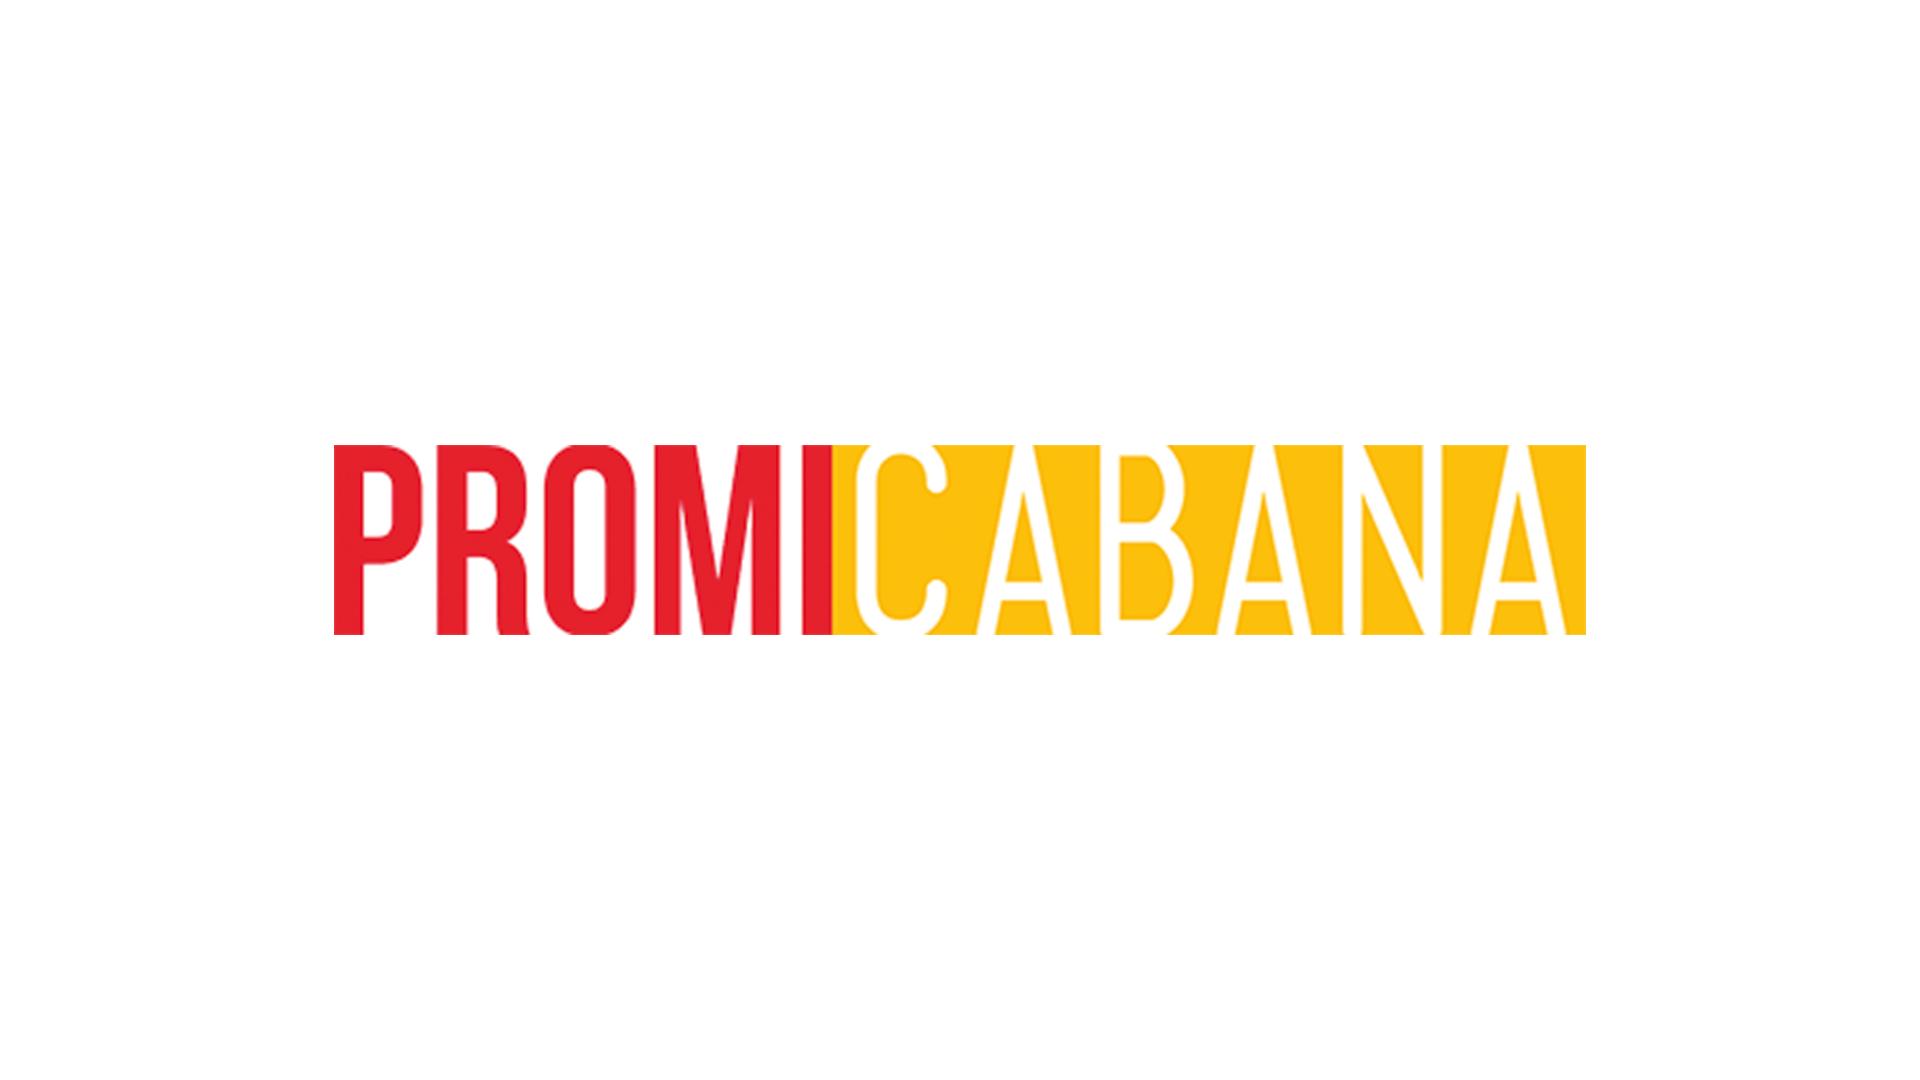 Justin-Bieber-Pattie-Mallette-Selena-Gomez